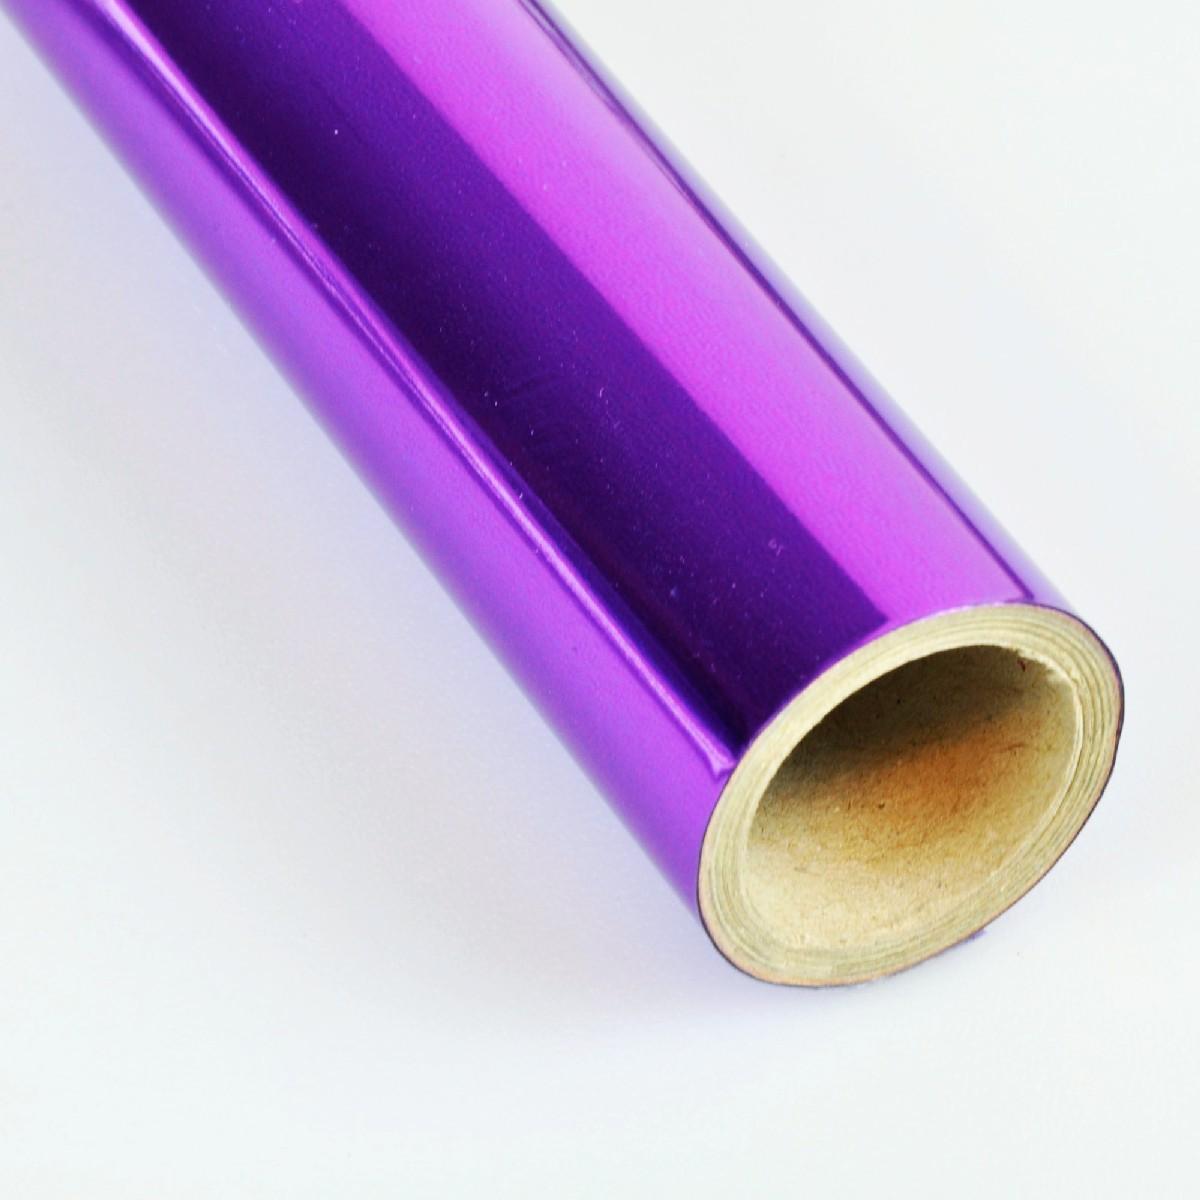 Vinil Violeta Metalico p/ Envelopamento - 60 CM